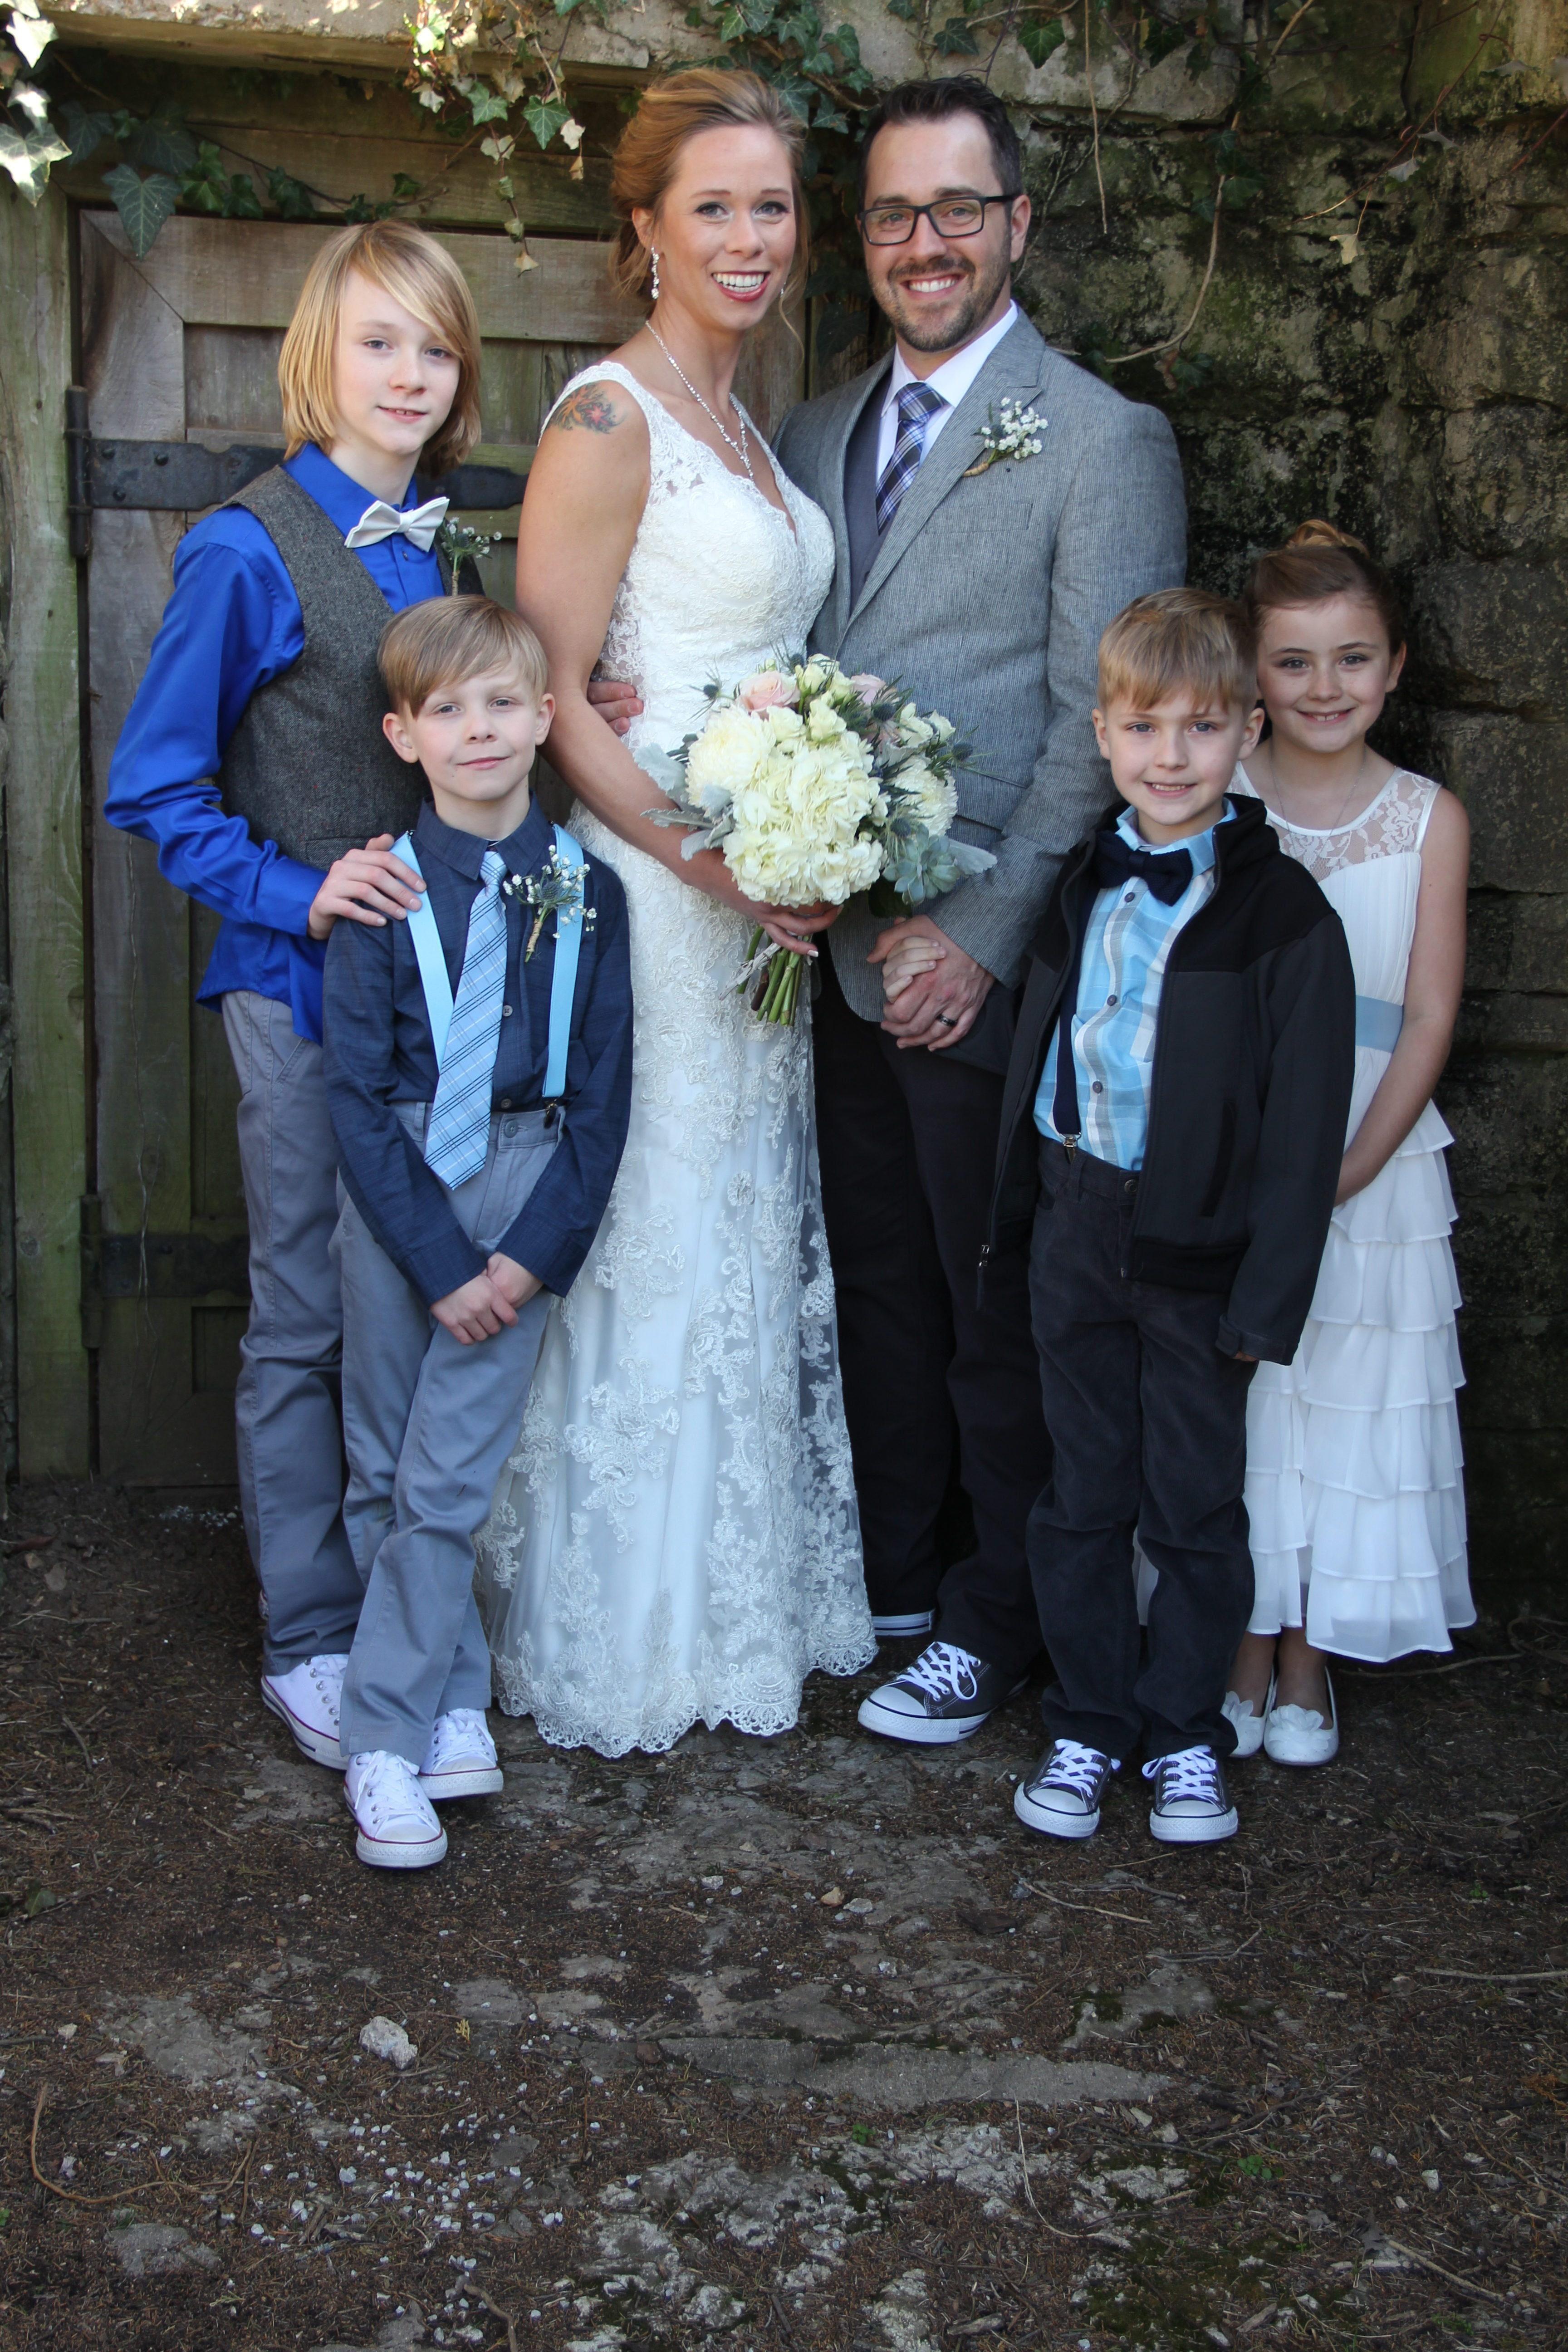 The family Matt Voss